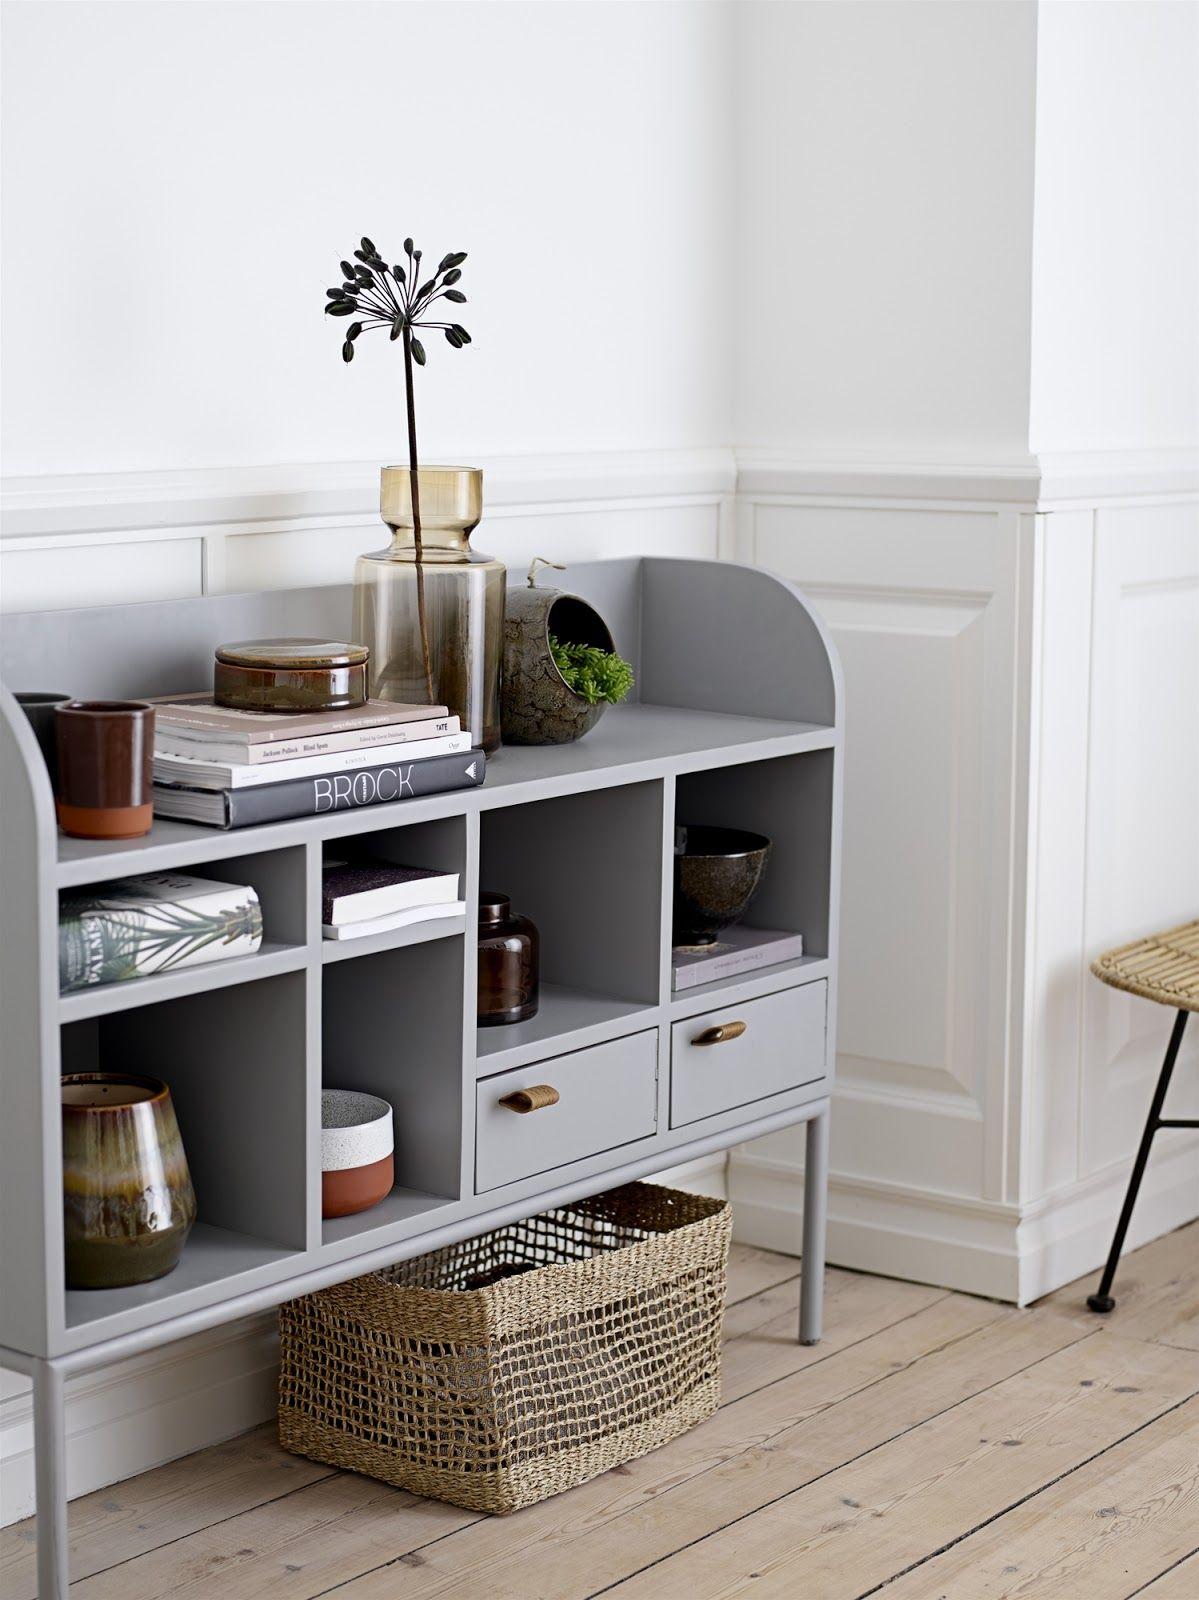 Wohnen Auf Kleinem Raum interior mit tipps und tricks rund um das thema wohnen